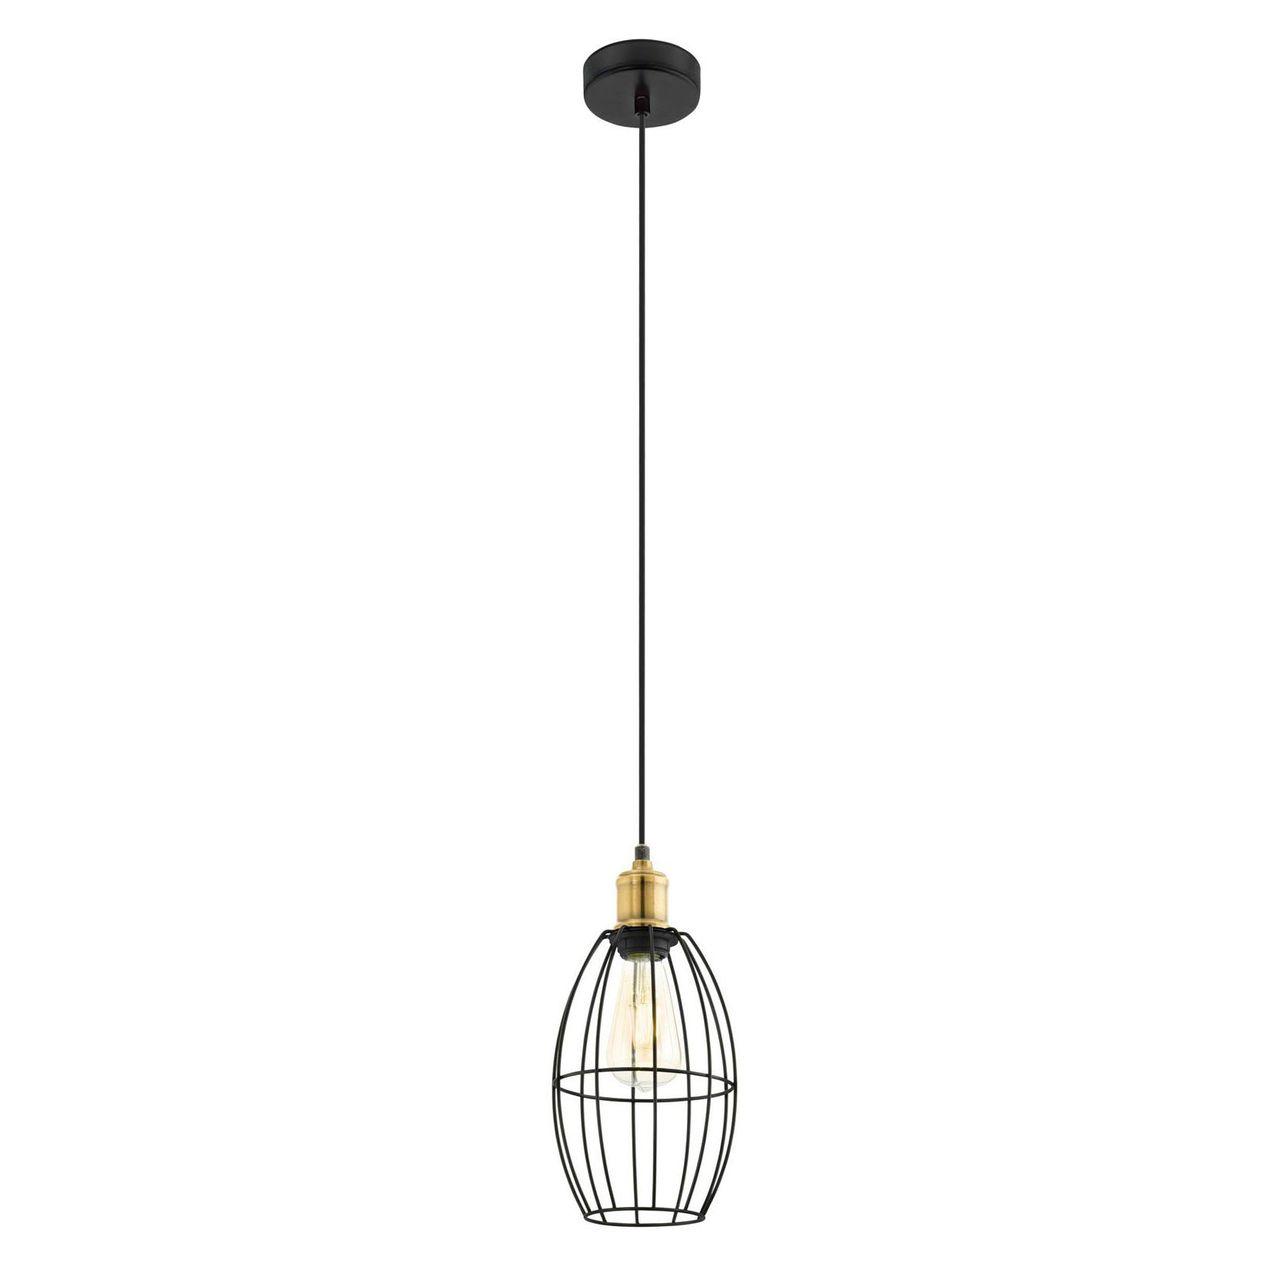 Подвесной светильник Eglo Denham 49789 подвесной светильник eglo vintage 49214